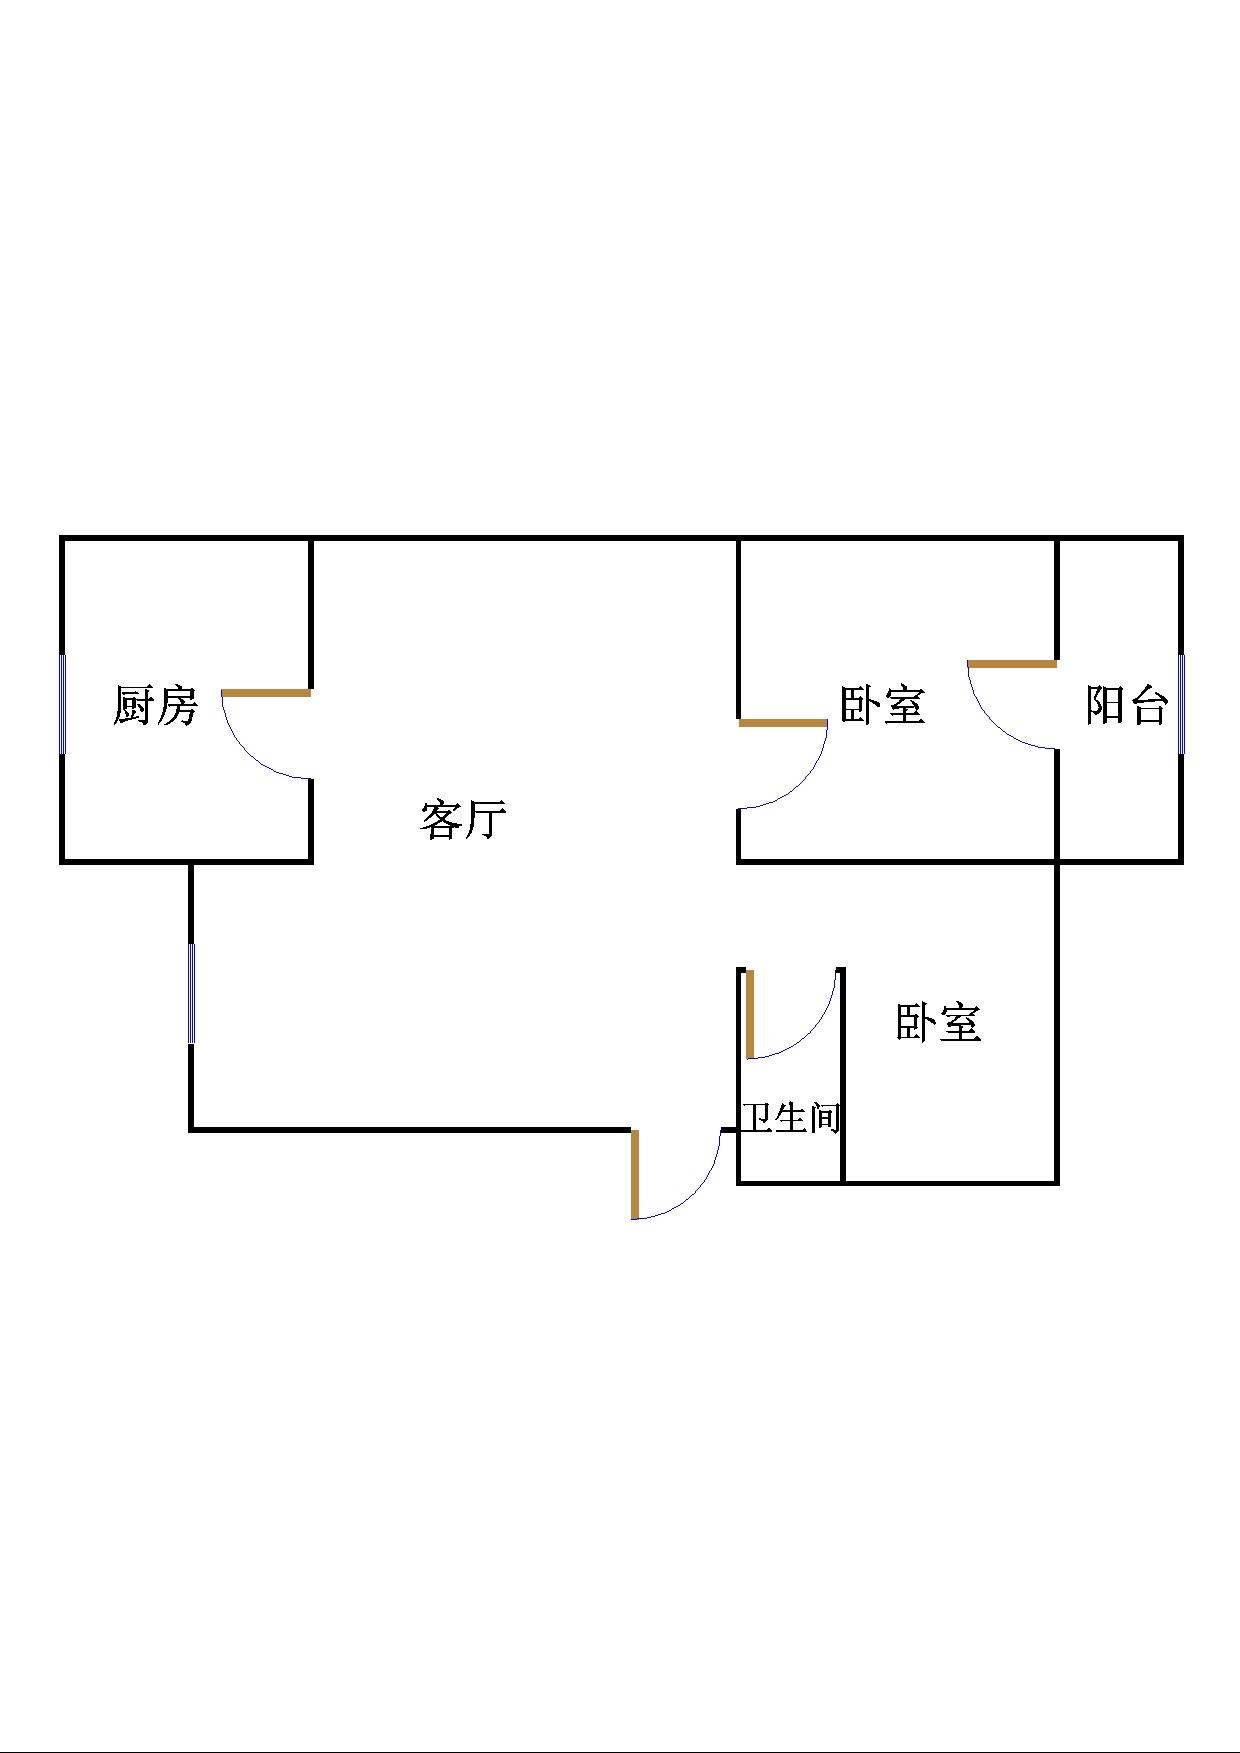 滨海胜利花苑 2室1厅 双证齐全 简装 70万